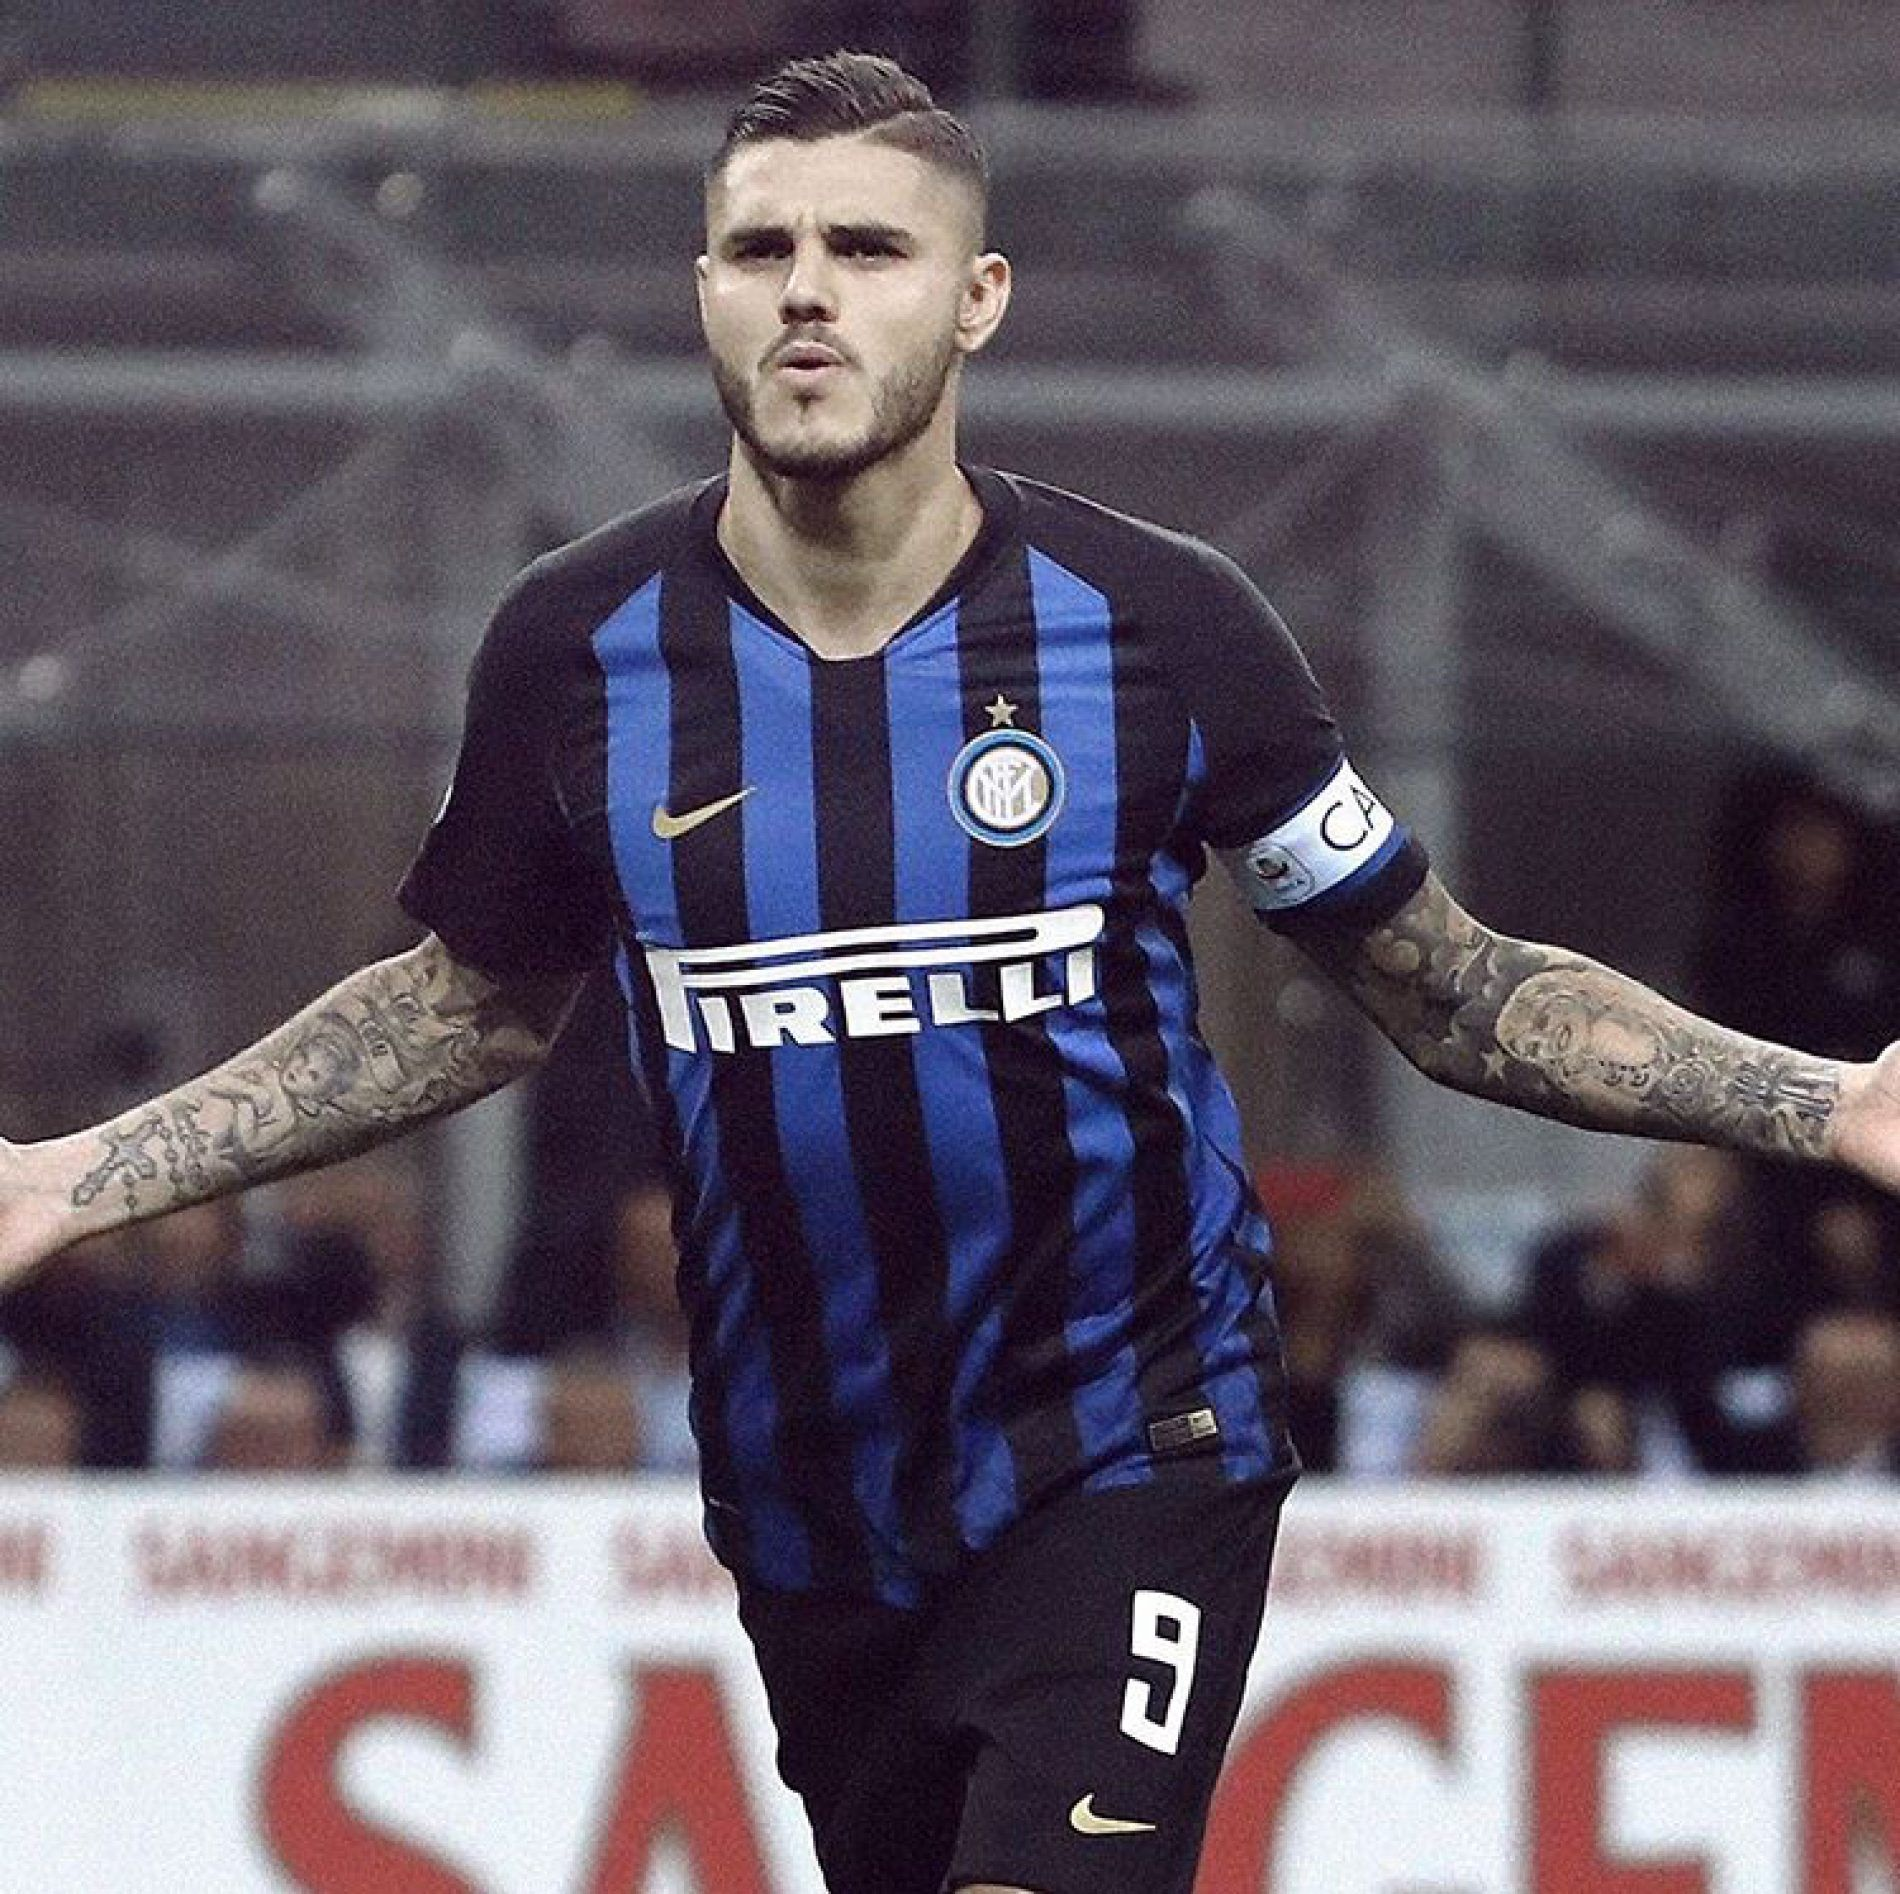 Icardi al 92' l'Inter batte il Milan all'ultimo respiro